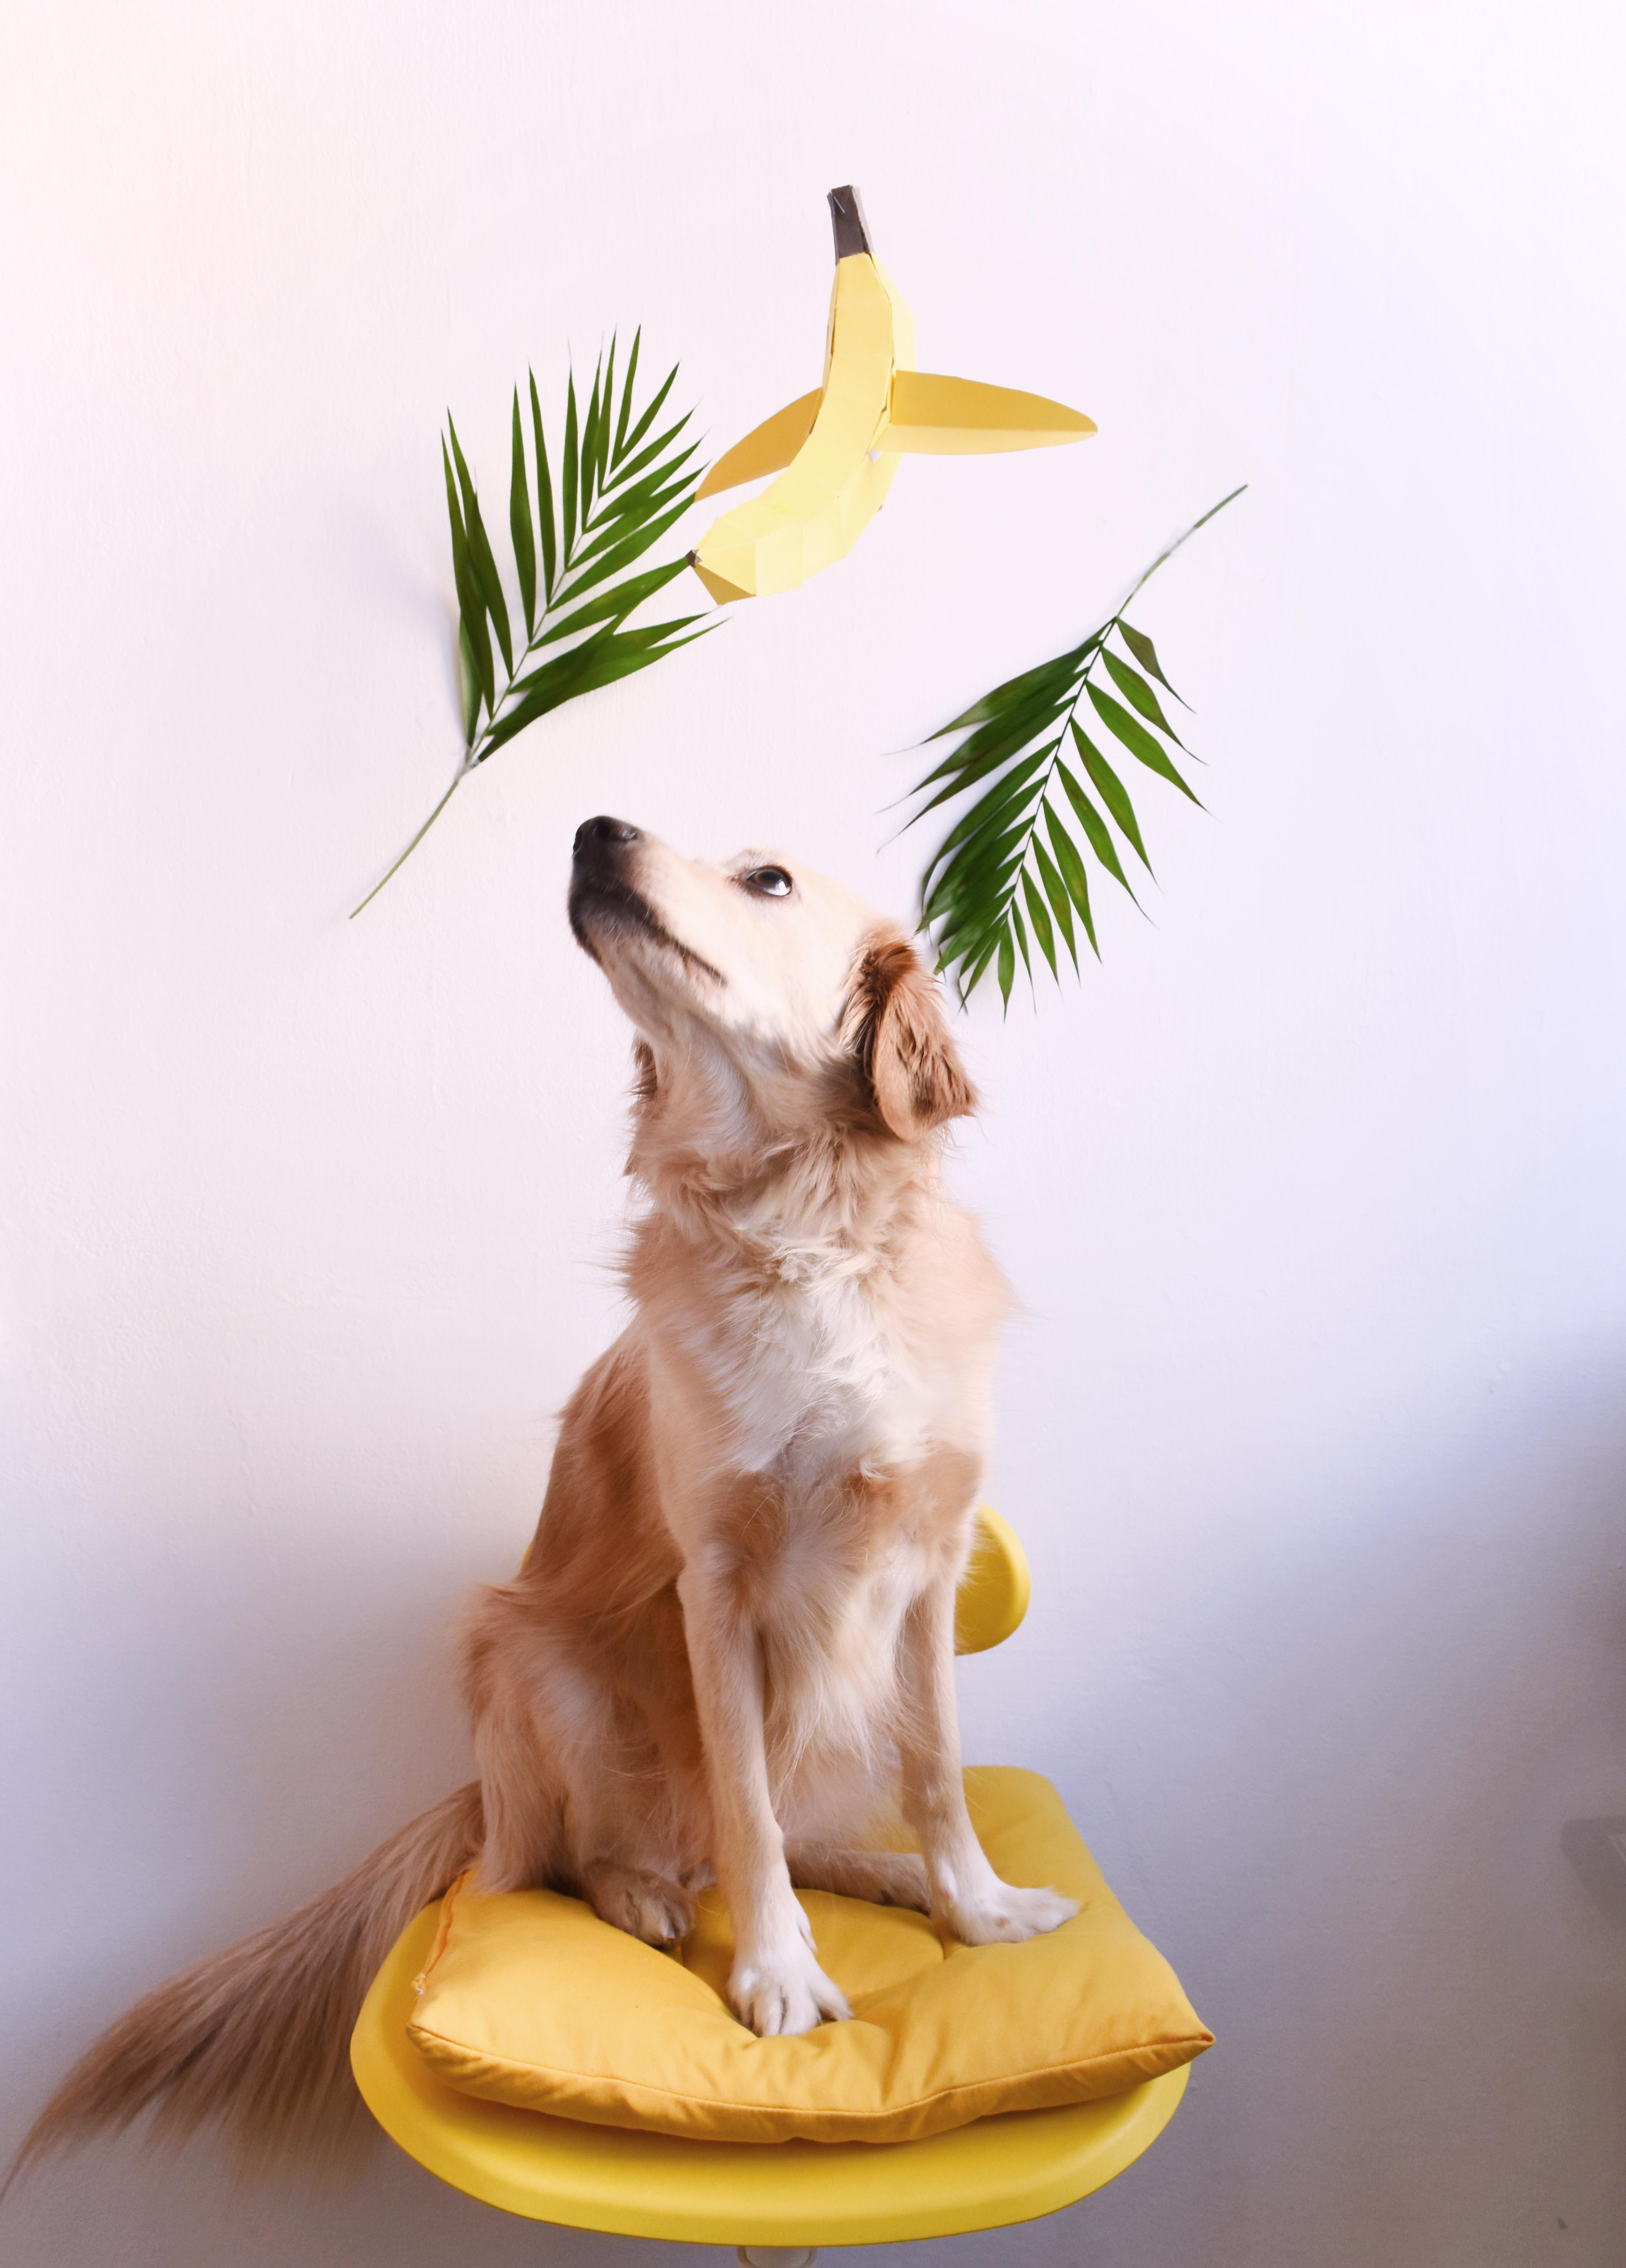 Is it a plane? Is it a banana? It's BANANAS :D